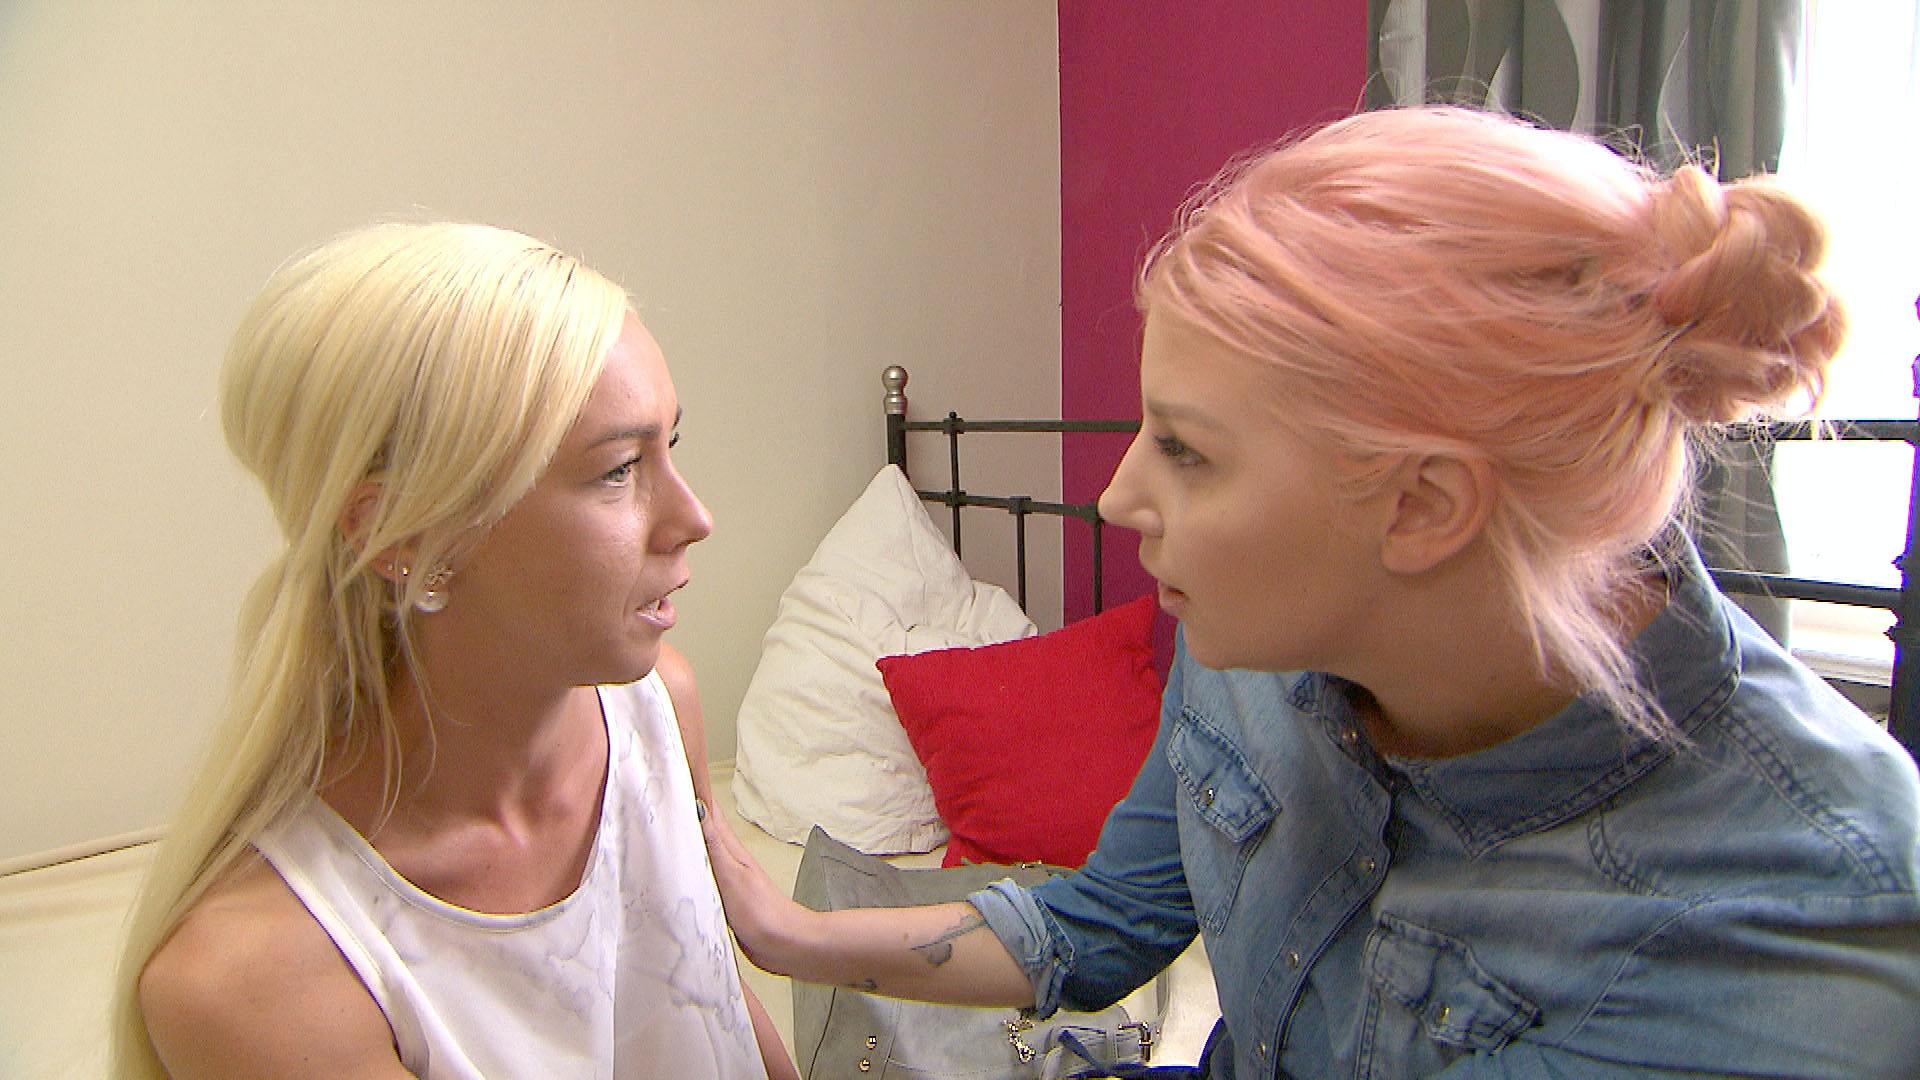 Peggy,li. erzählt Paula re., dass zur Neueröffnung der Bar ihres Freundes kein Gast erschienen ist. (Quelle: RTL 2)